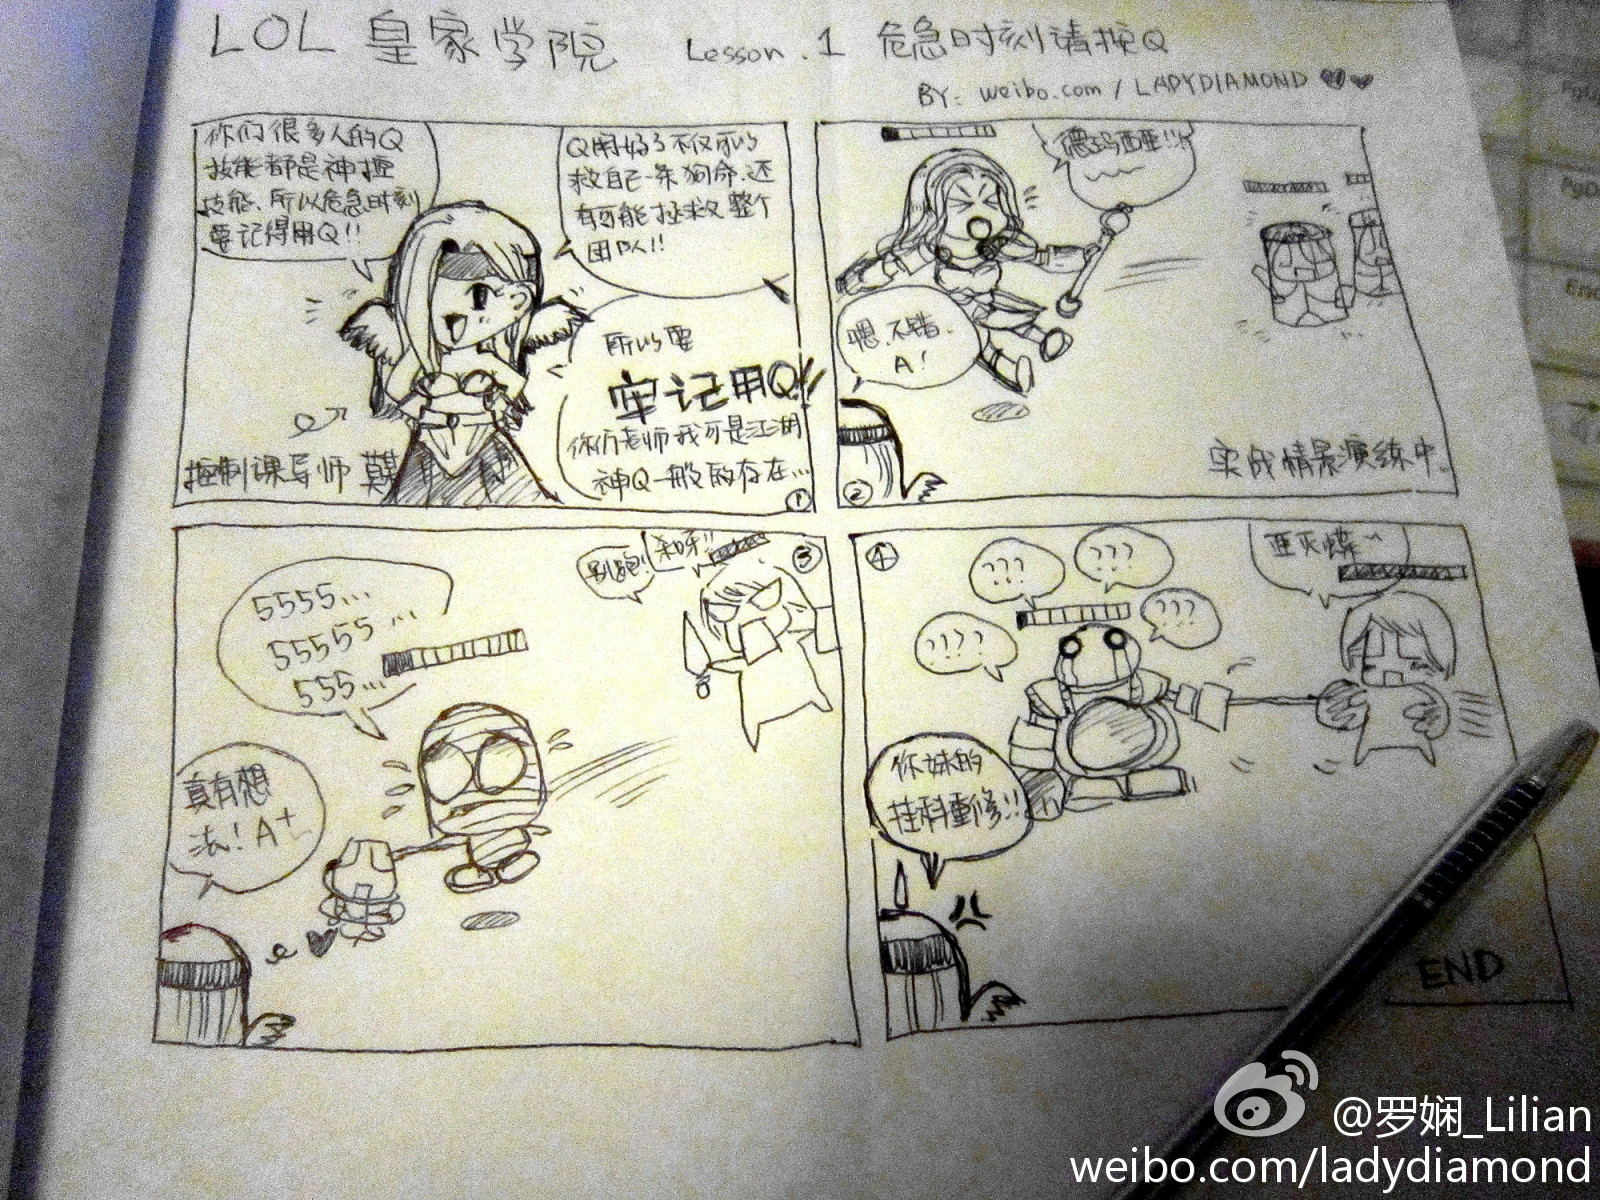 漫画/有爱妹子的四格漫画《LOL皇家学院》